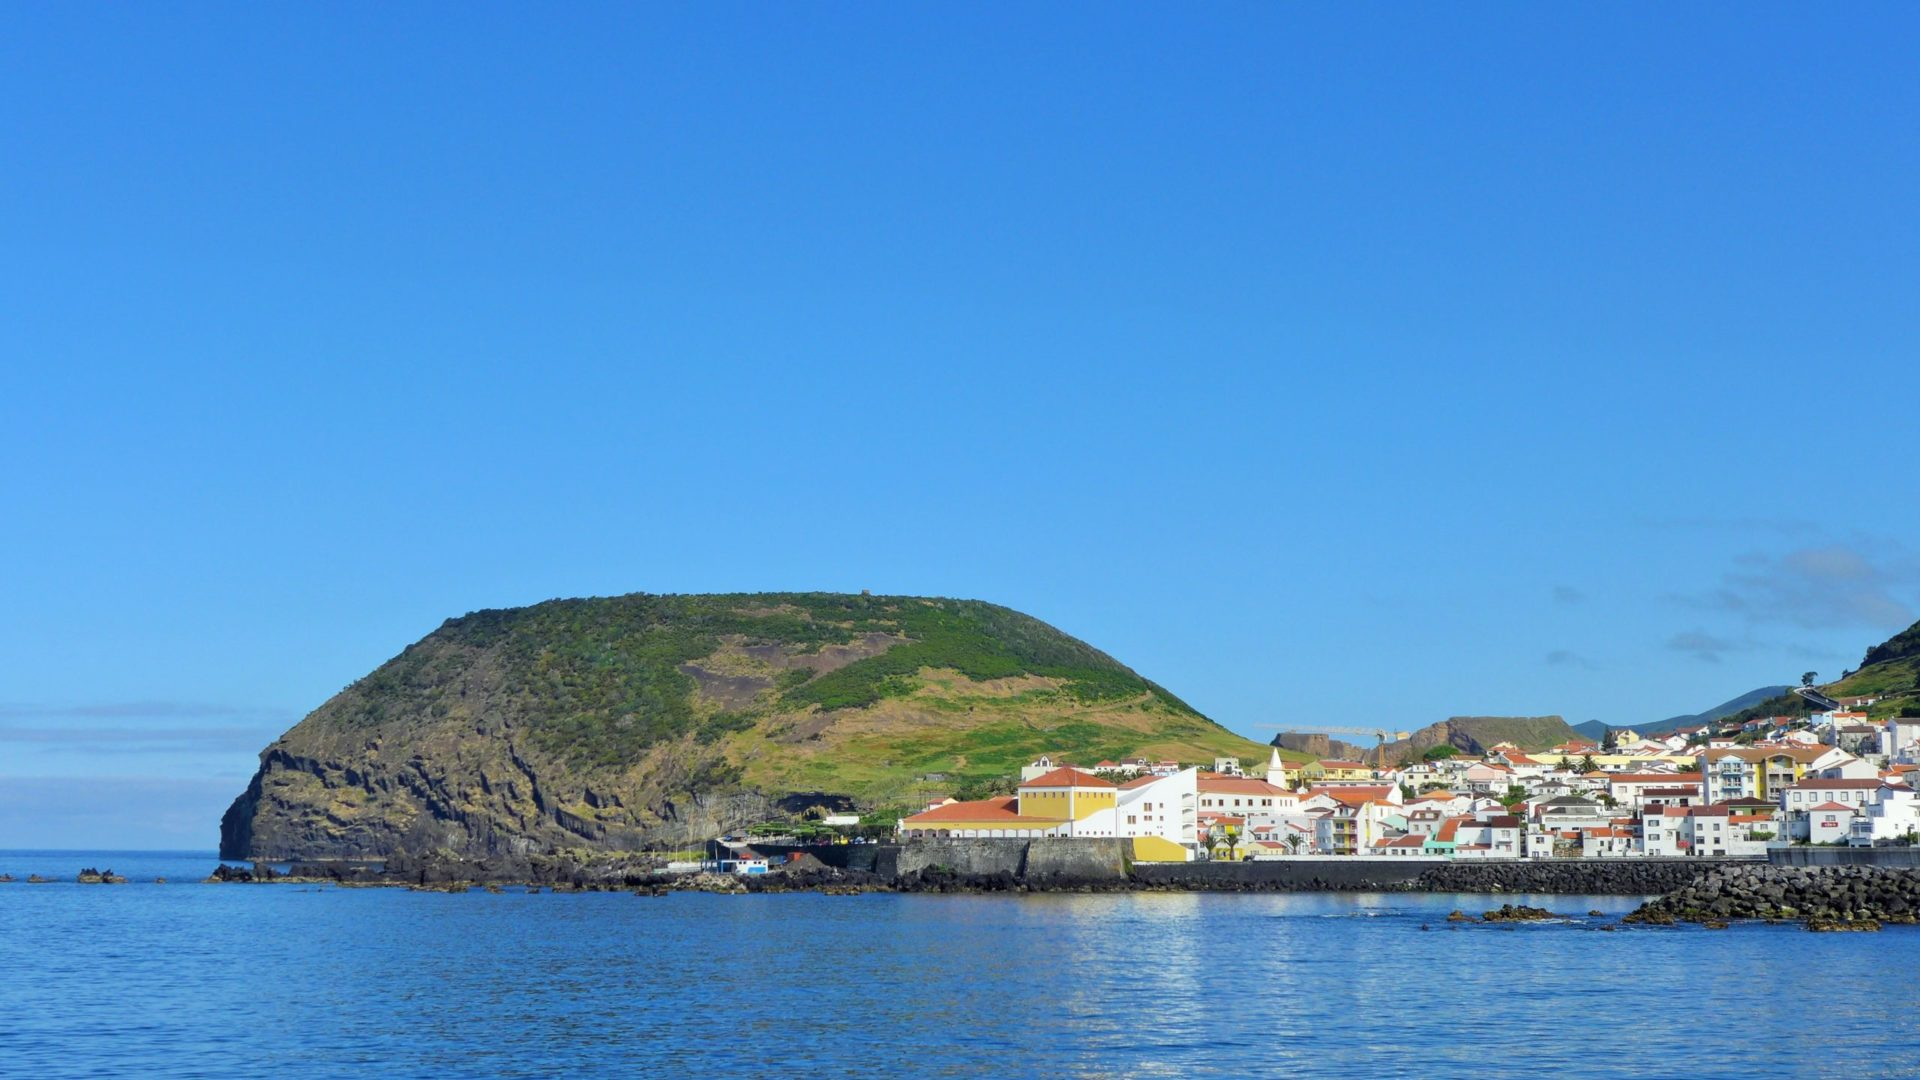 Wassertemperatur Azoren: Küstenort Velas auf der Azoreninsel São Jorge, links der Berg Miradouro do Morro Das Velas